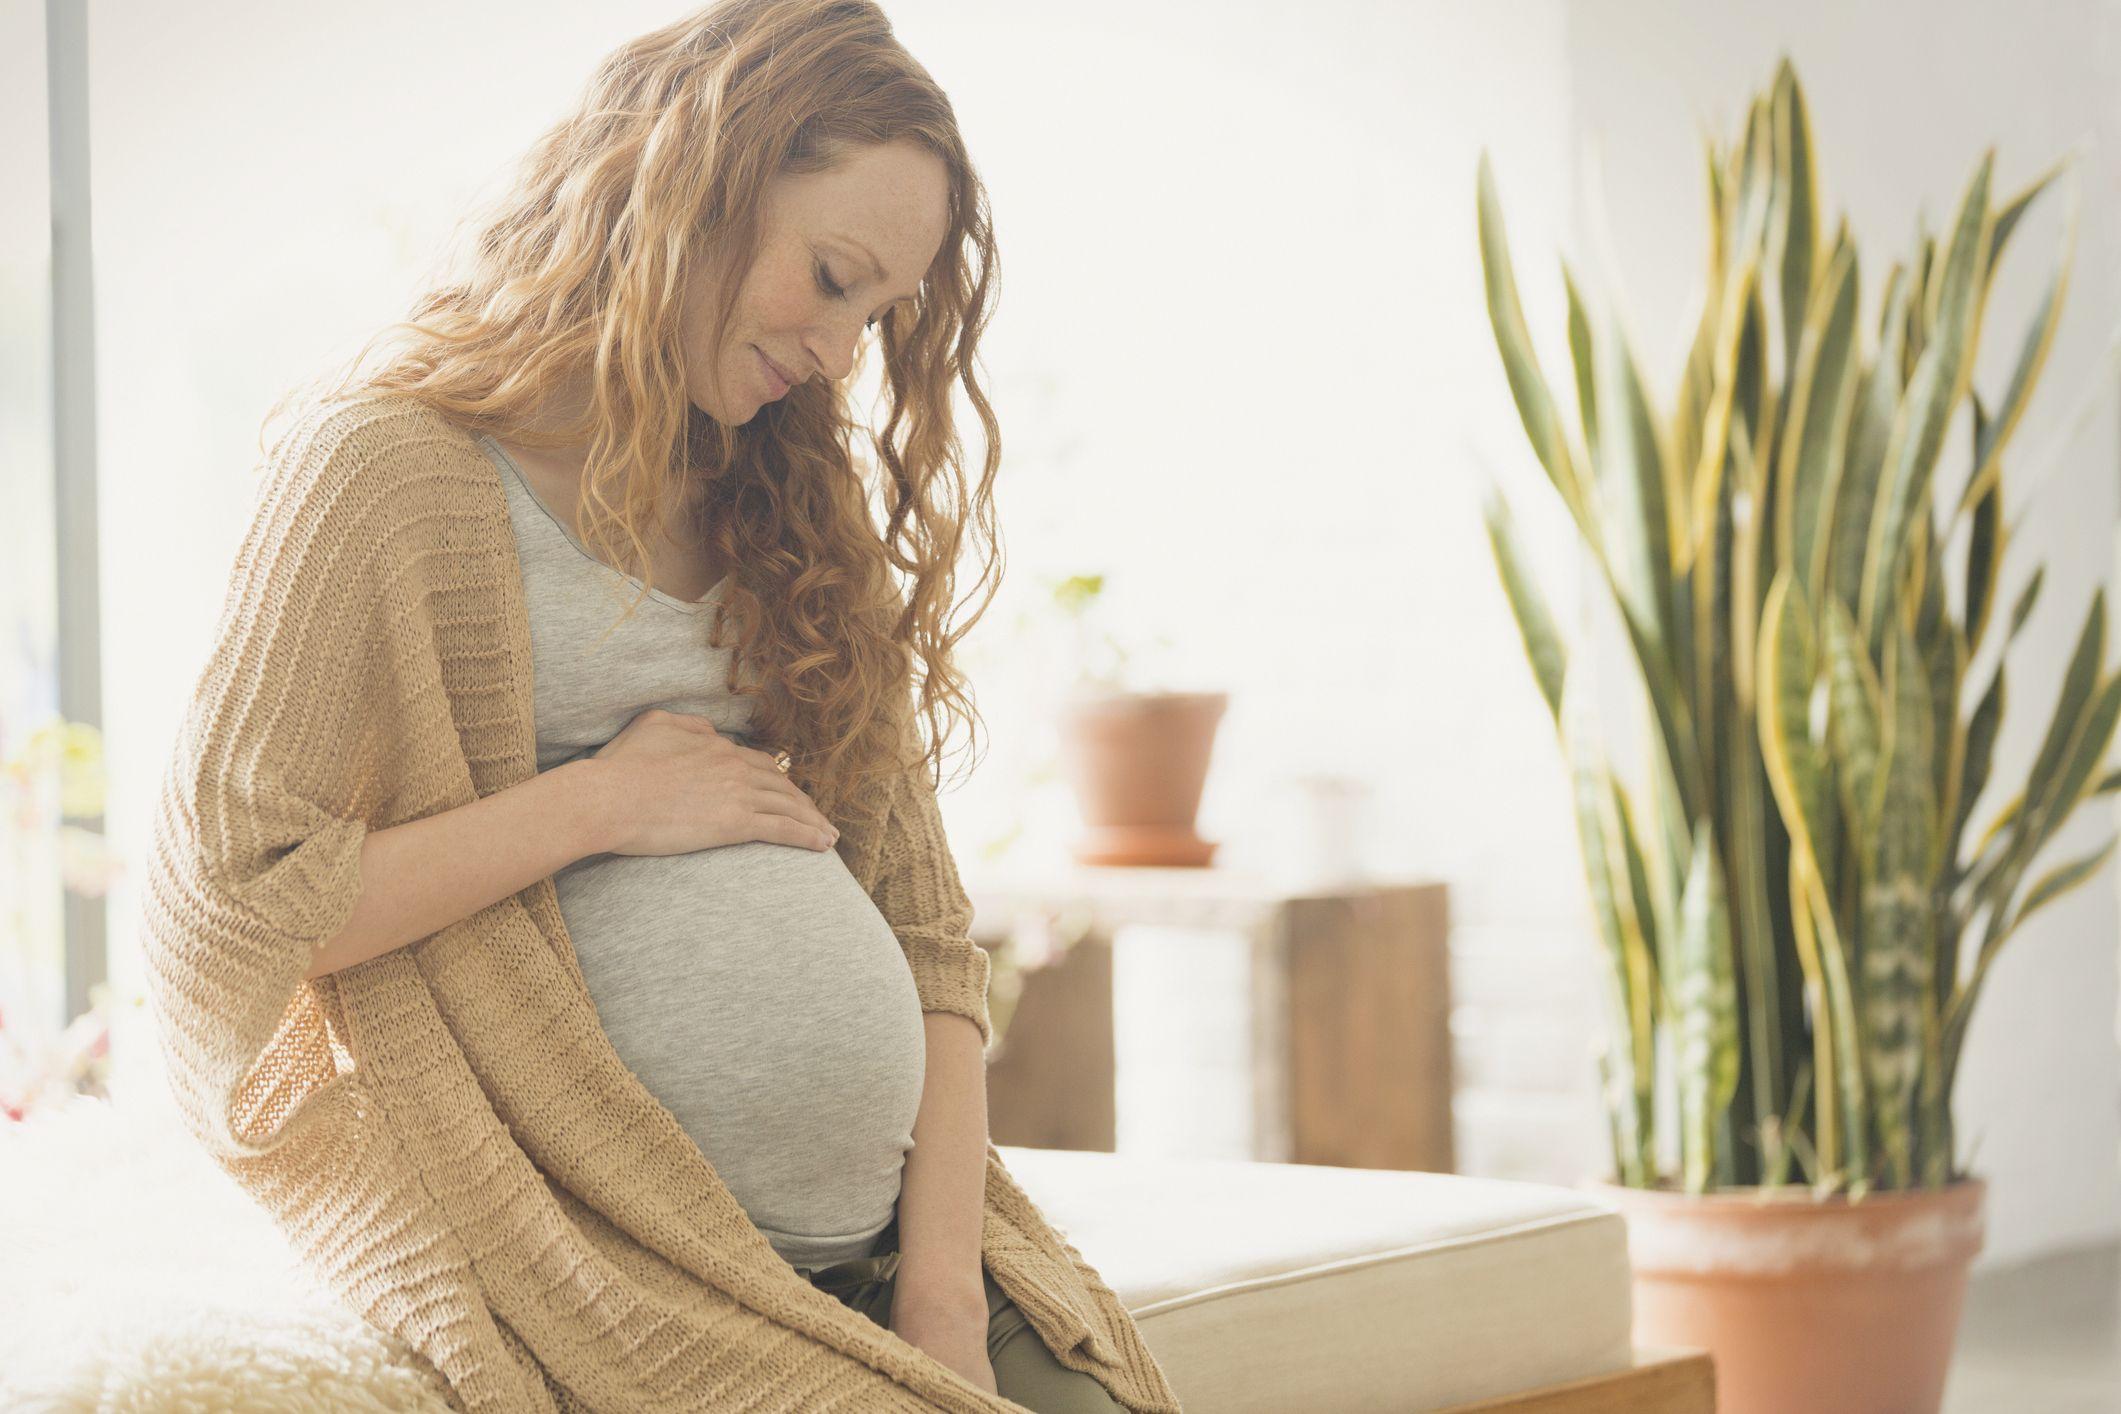 Sintomi gravidanza: ecco i segni più evidenti